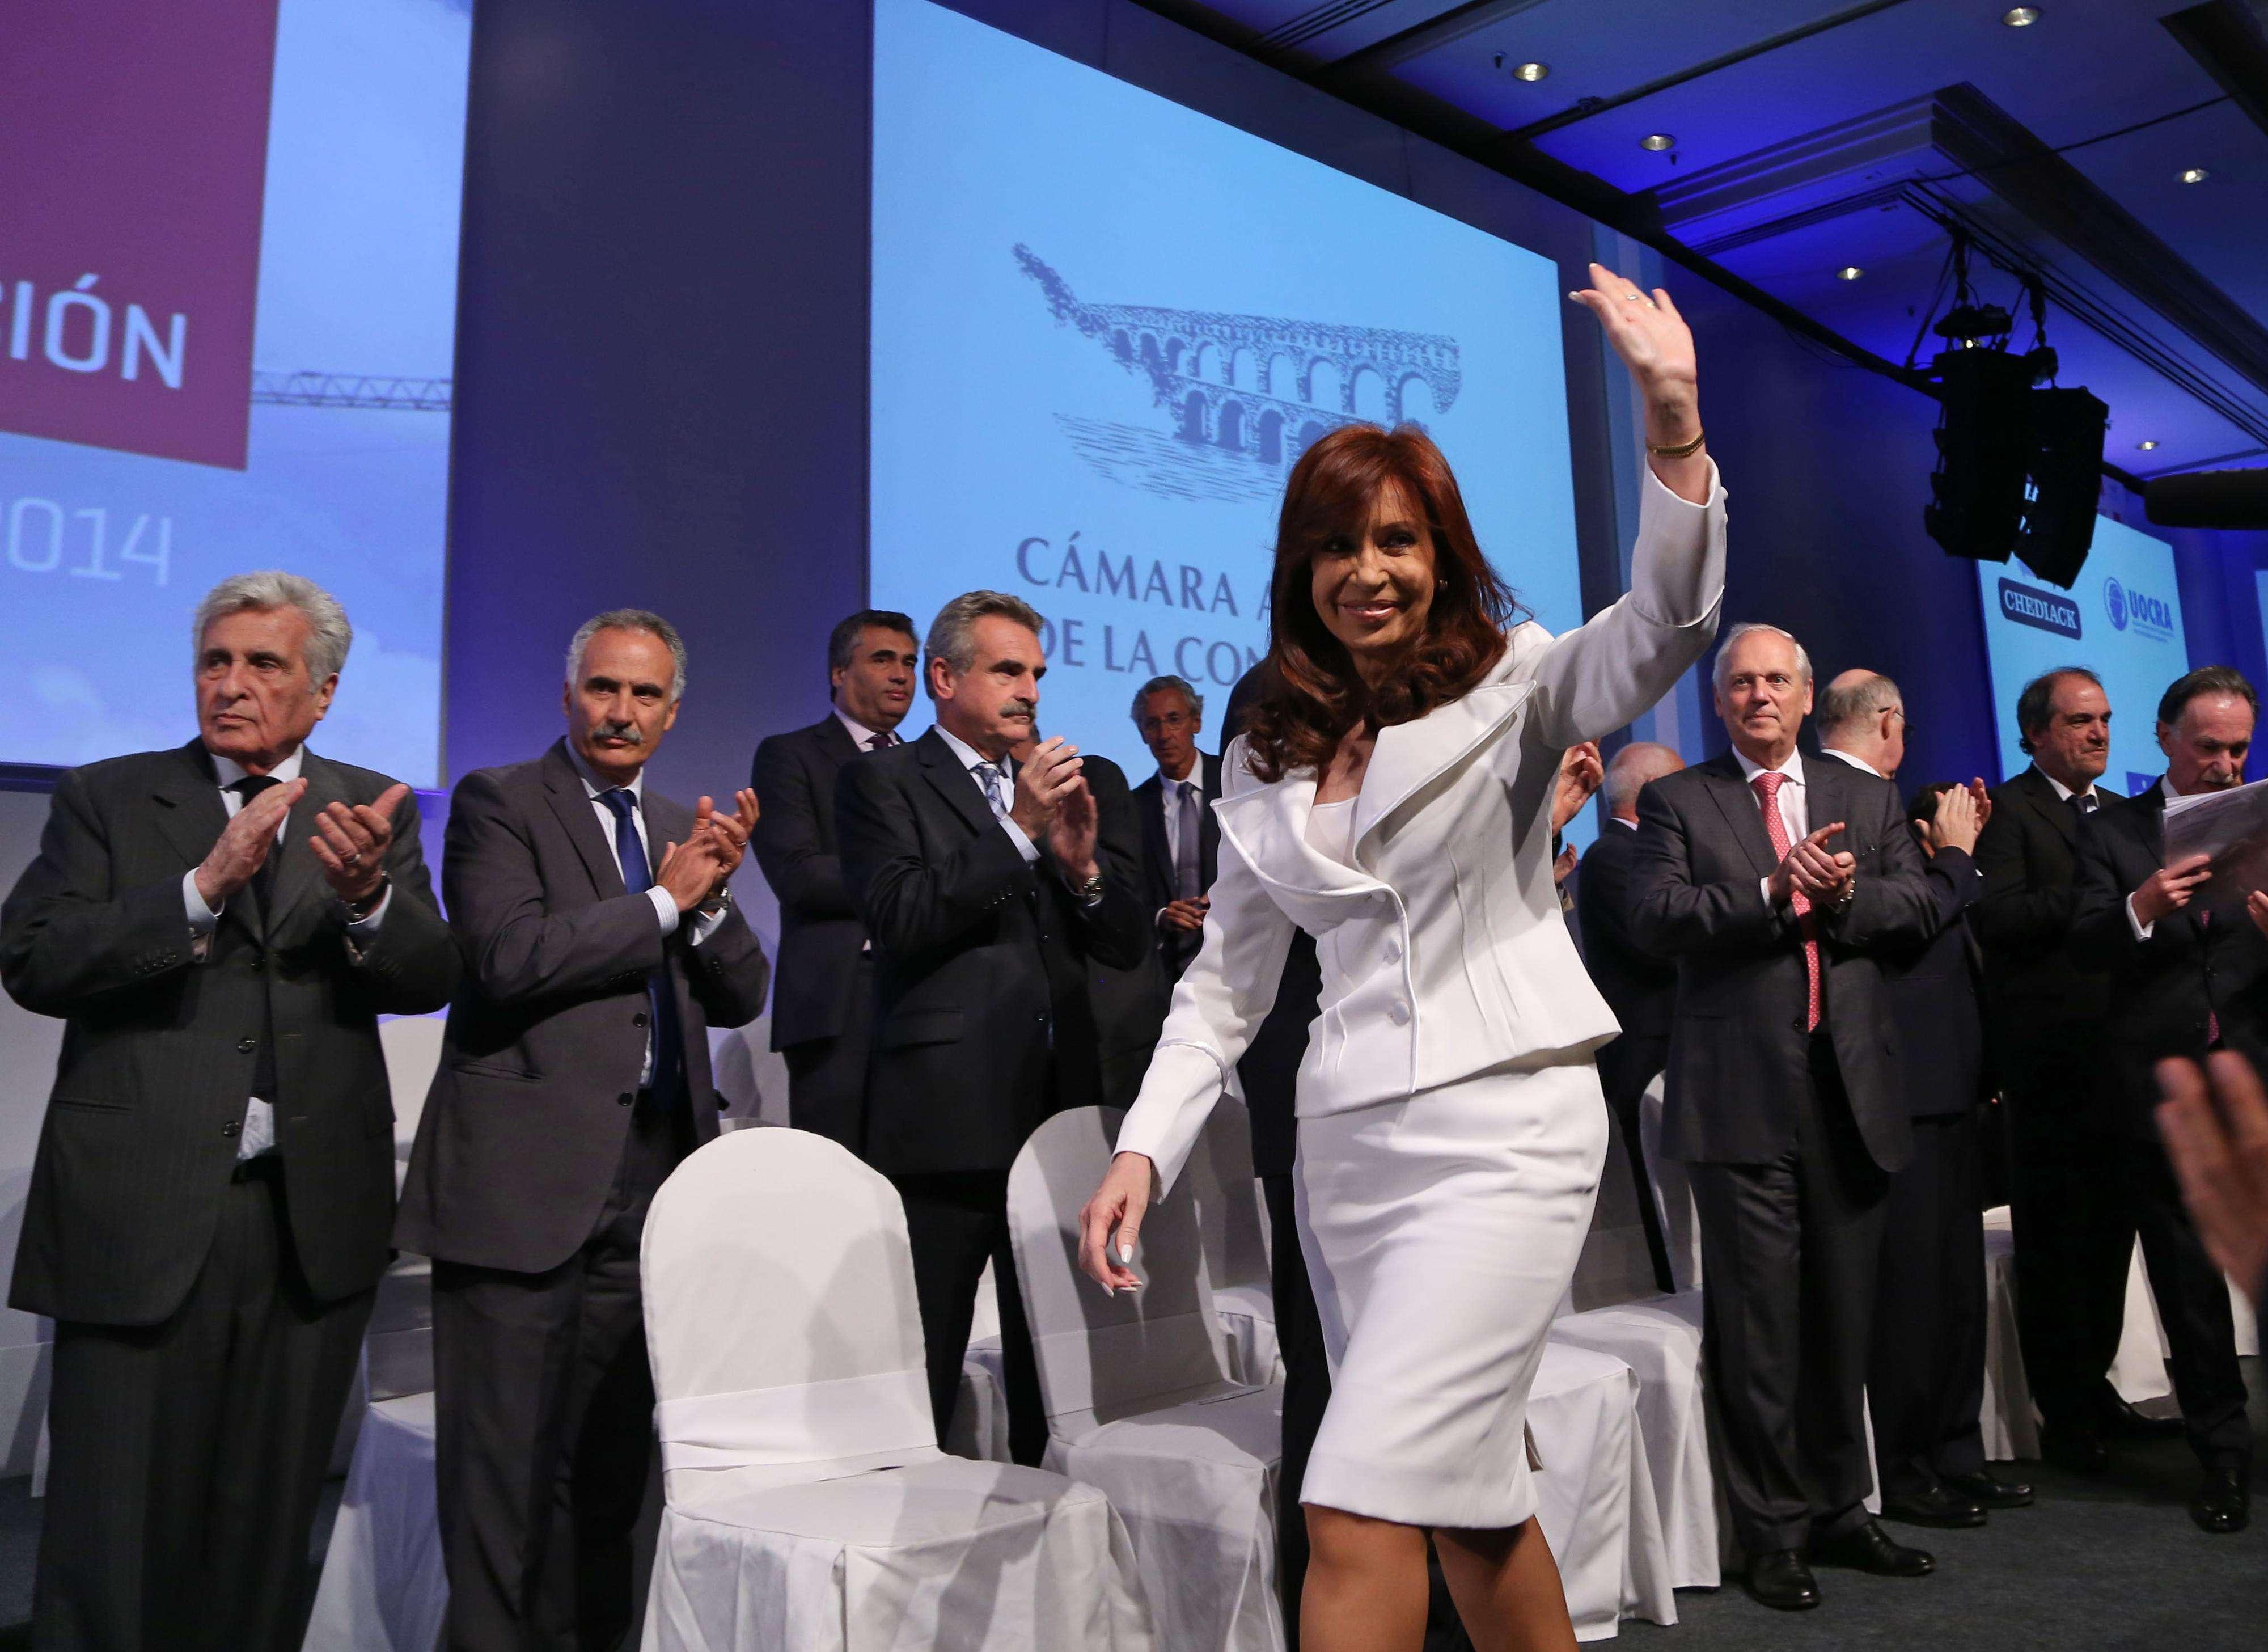 Cristina saluda durante la Convención Anual de la Cámara de la Construcción. Foto: Noticias Argentinas